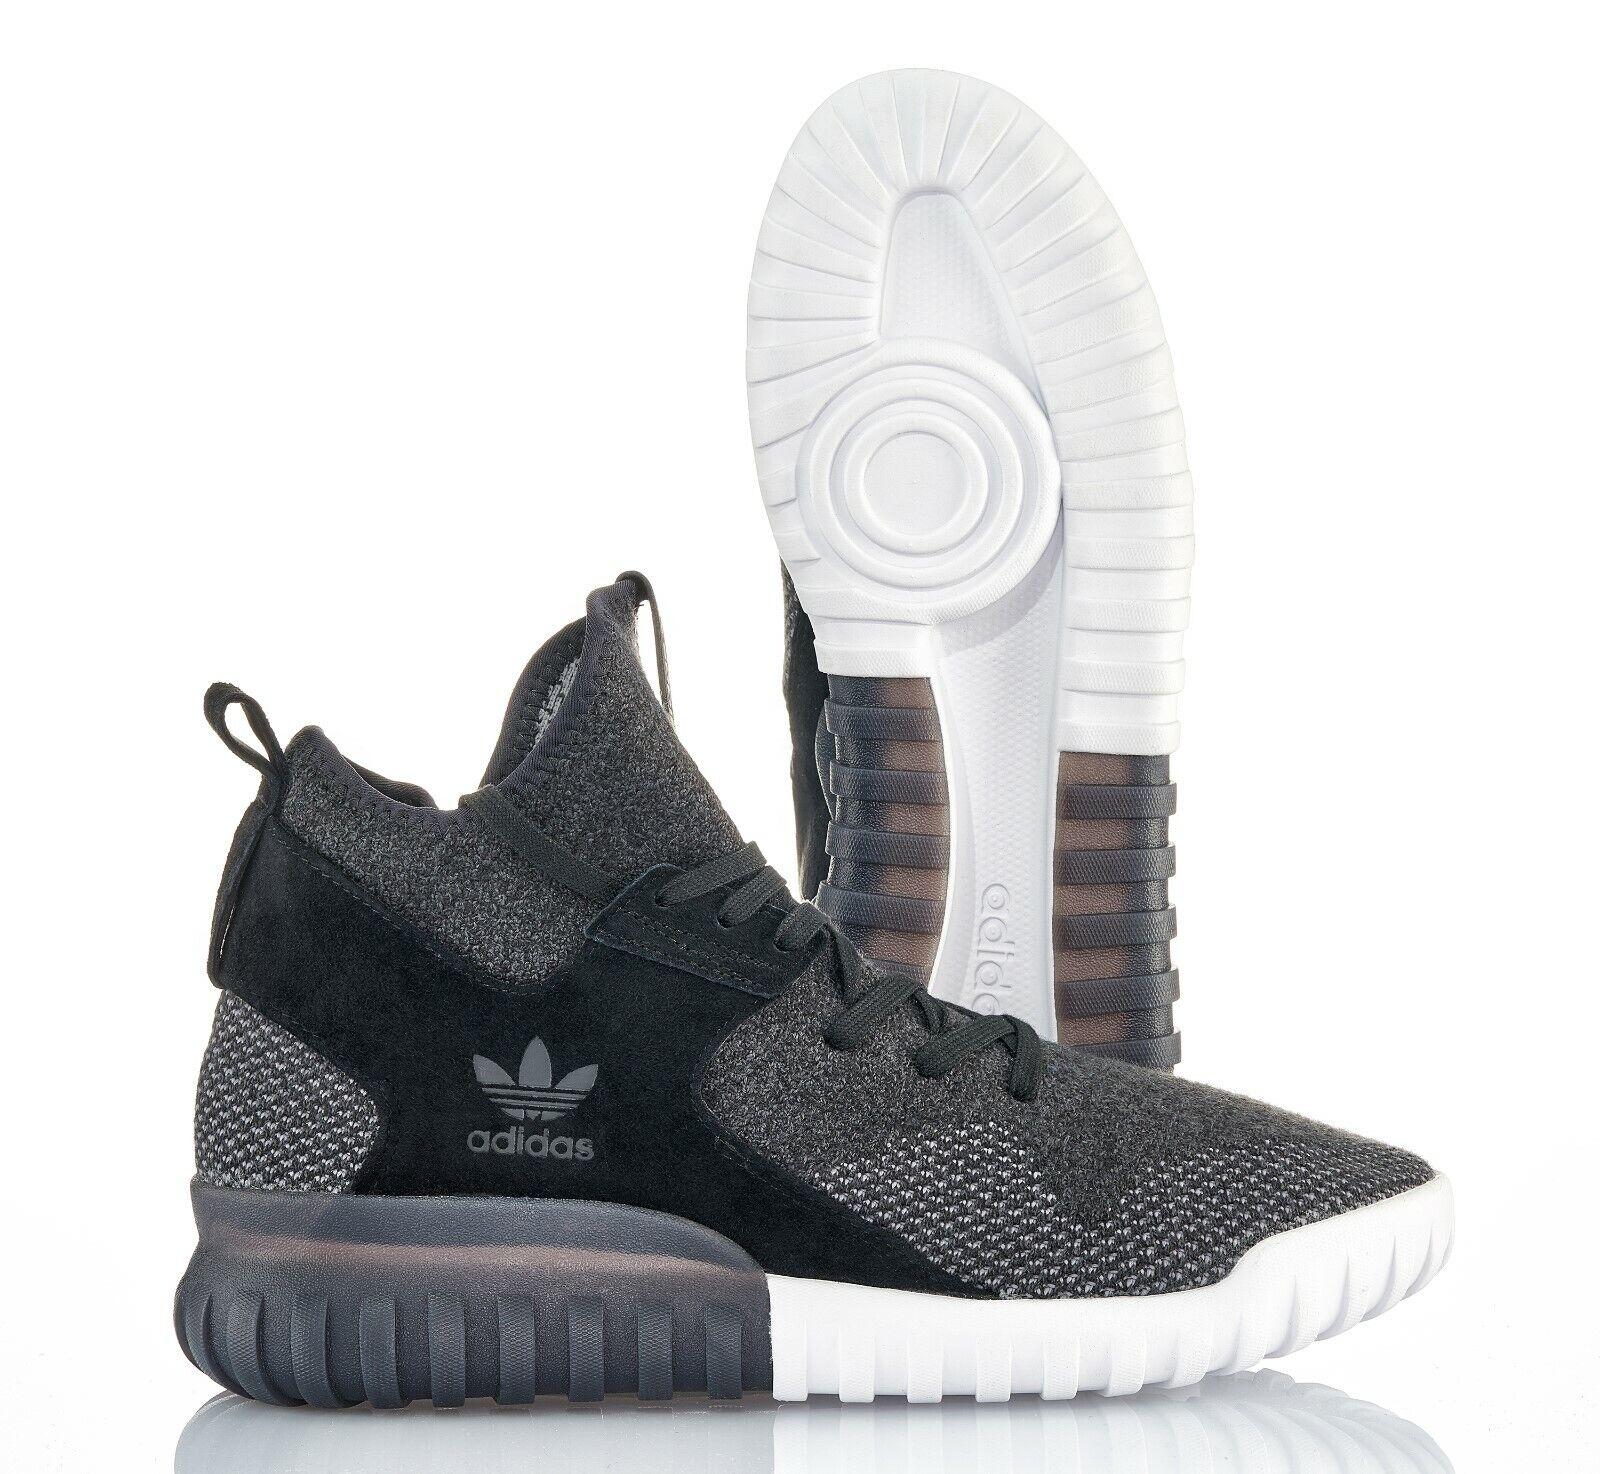 Höchste Qualität EUR 42 Adidas Cloudfoam Advantage Herren Gr